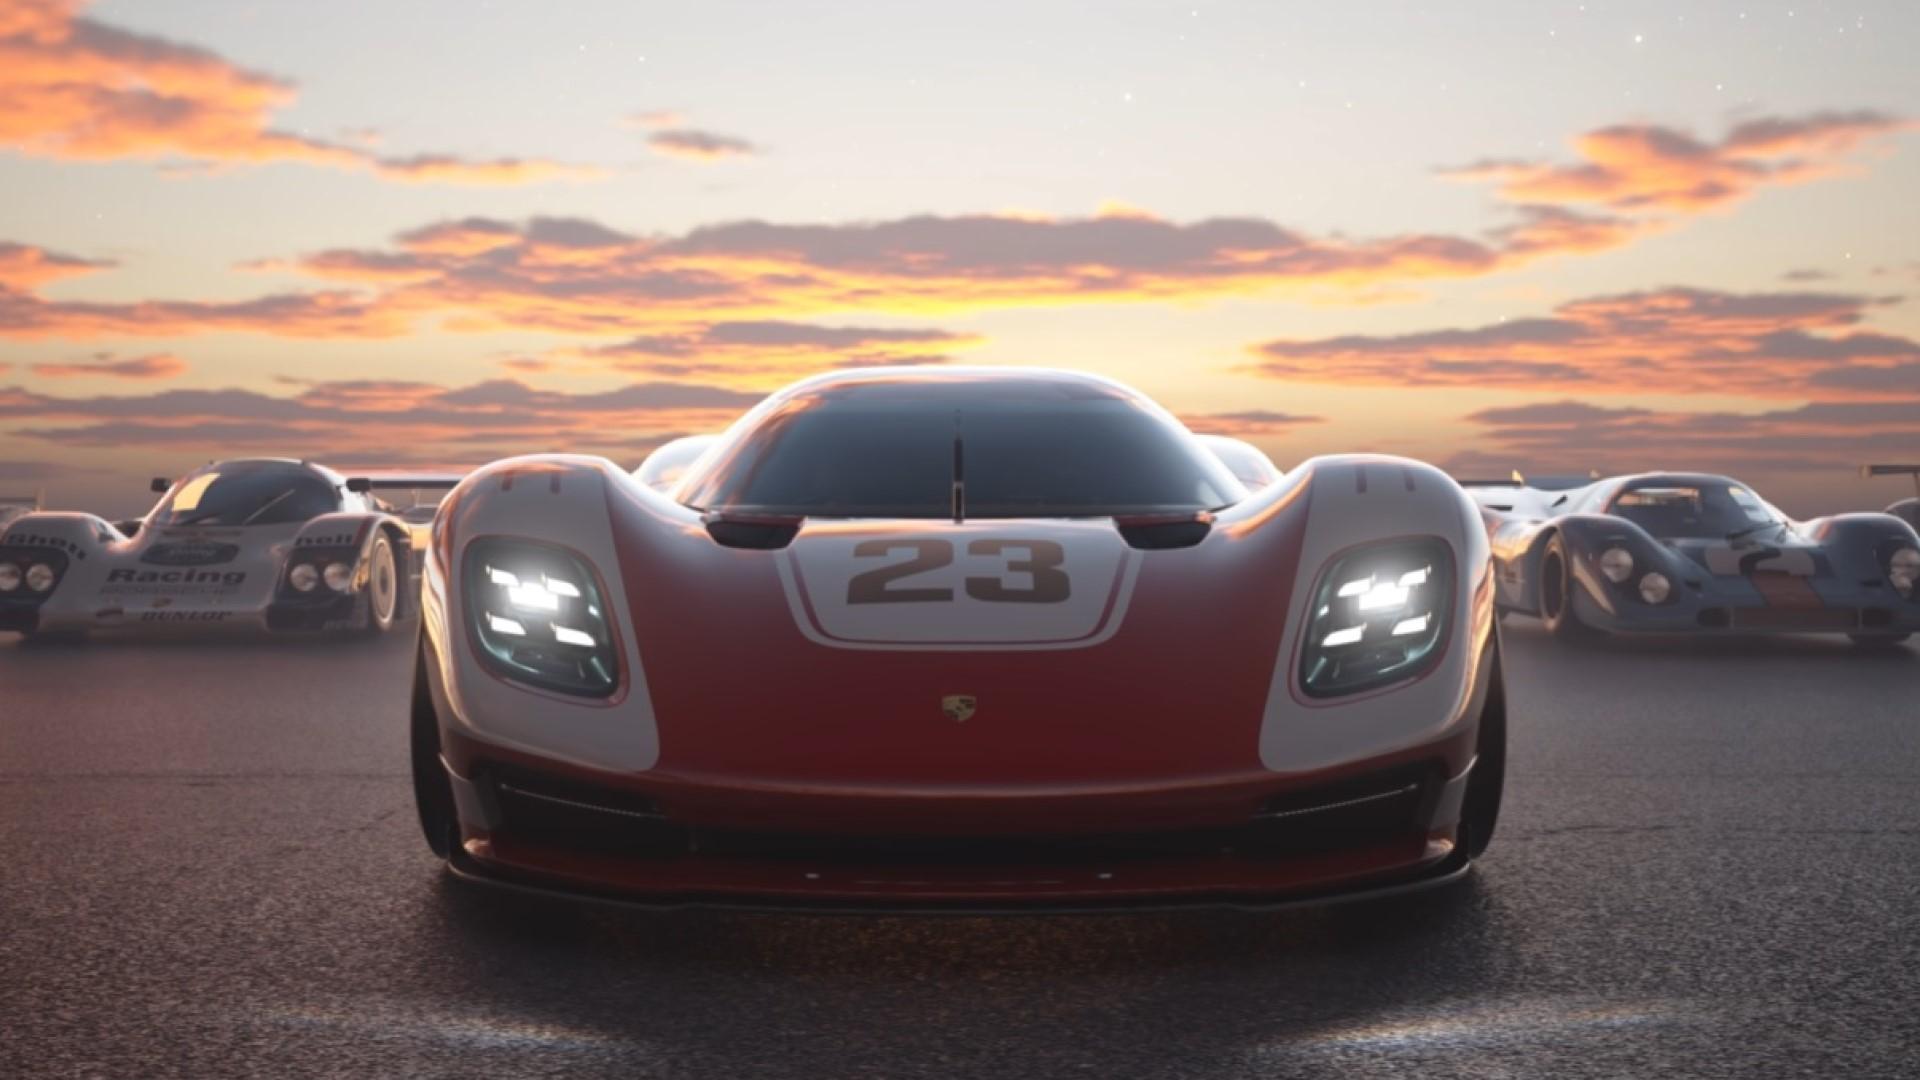 《GT赛车7》发布最新预告片 保时捷家族闪亮登场